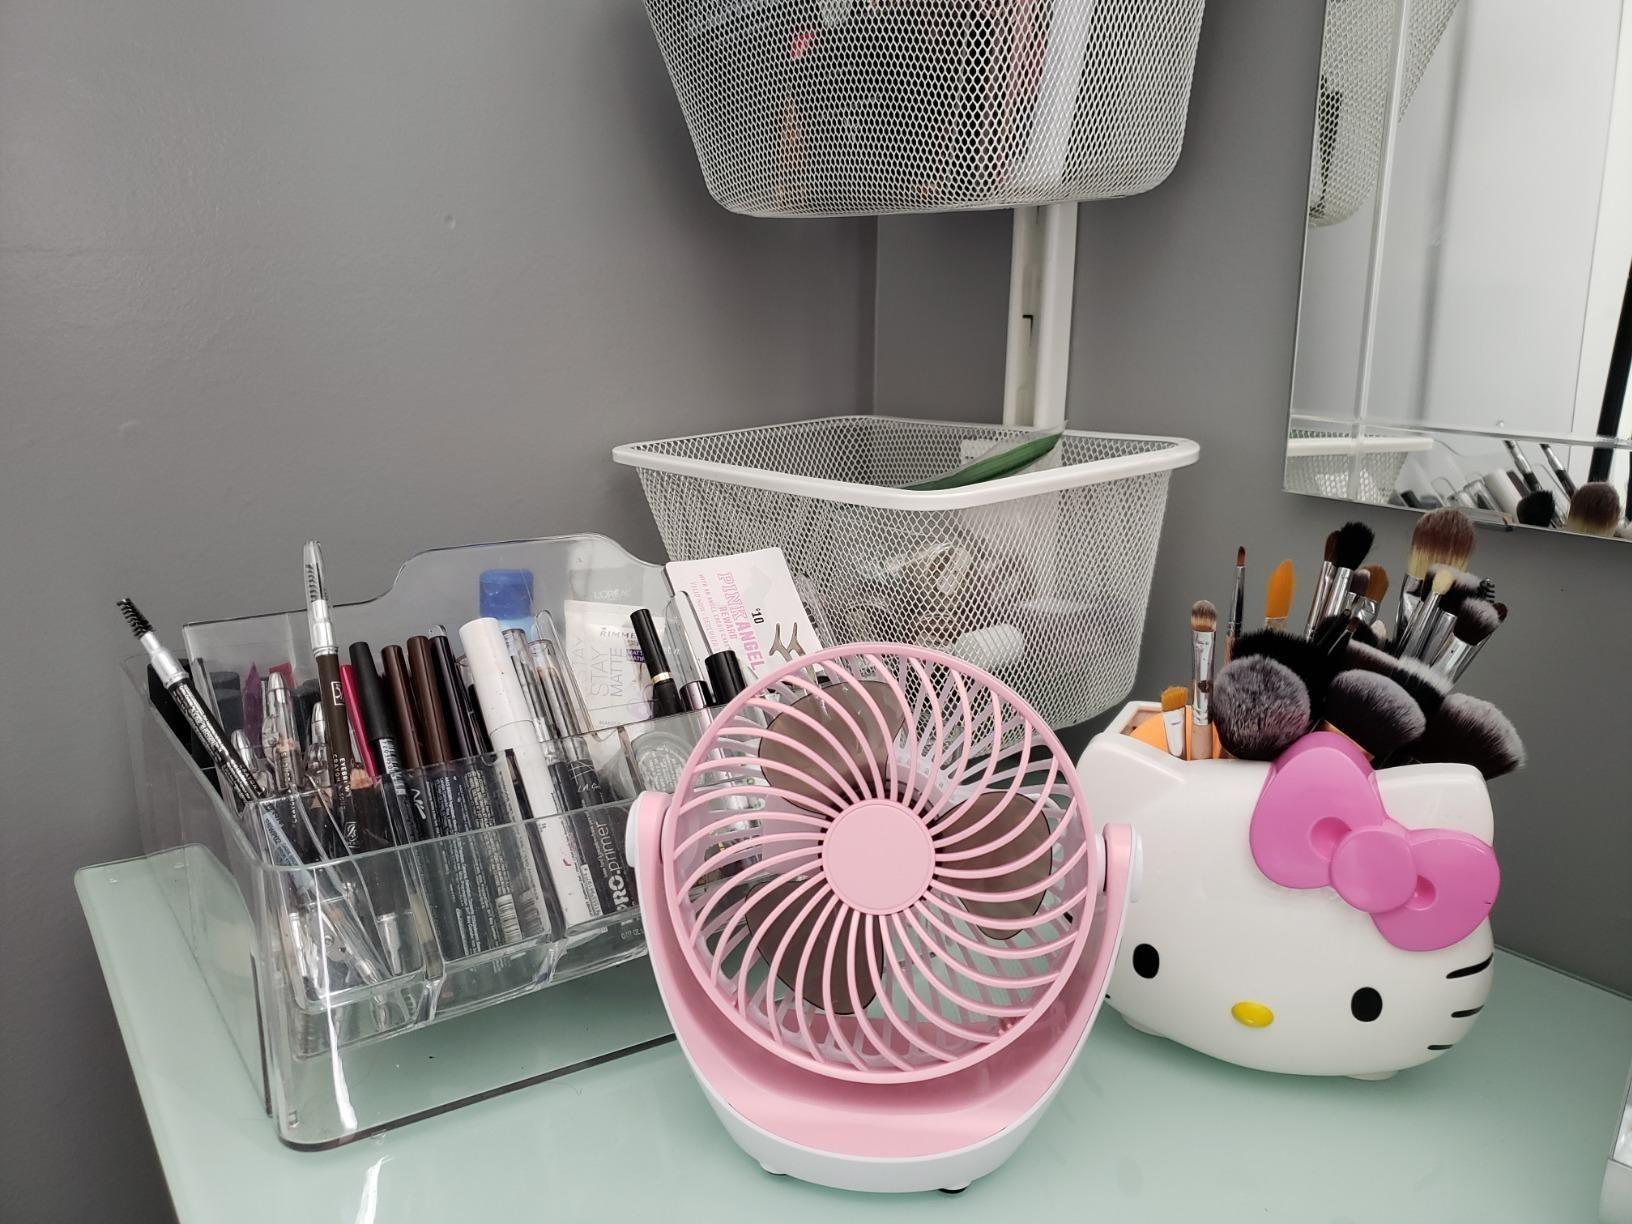 The mini fan in pink